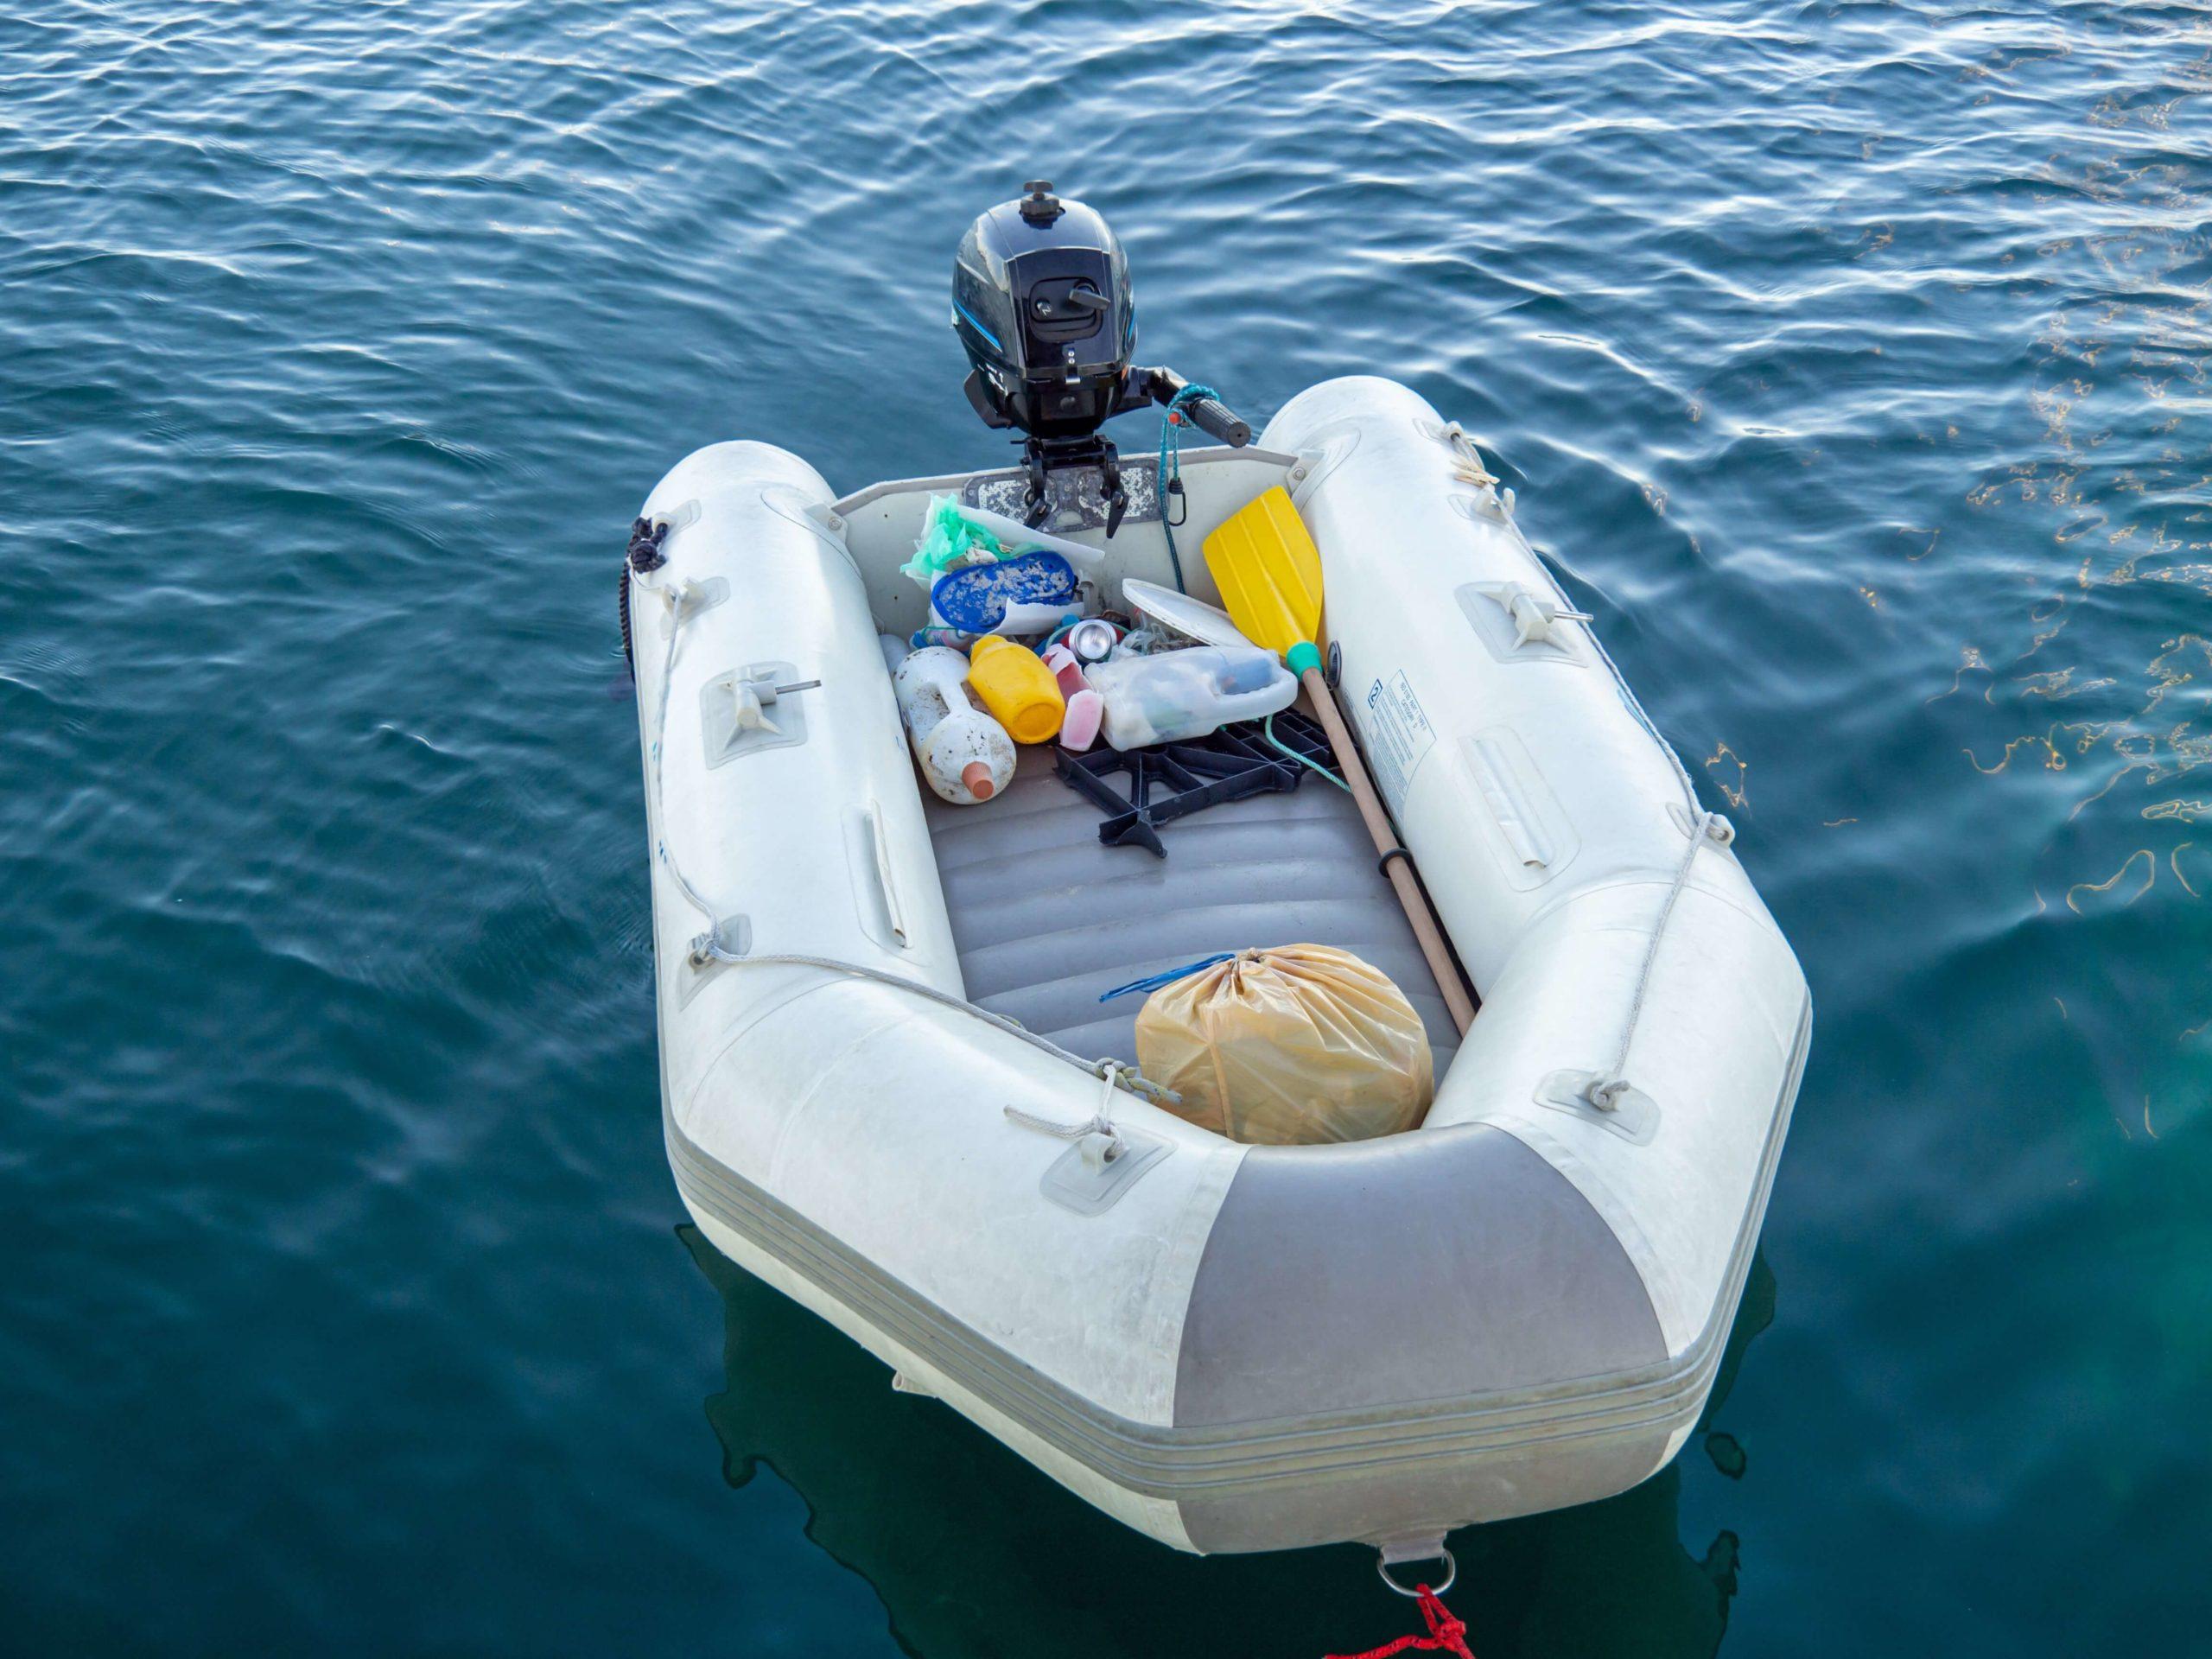 Schlauchboot beladen mit Müll auf dem Wasser